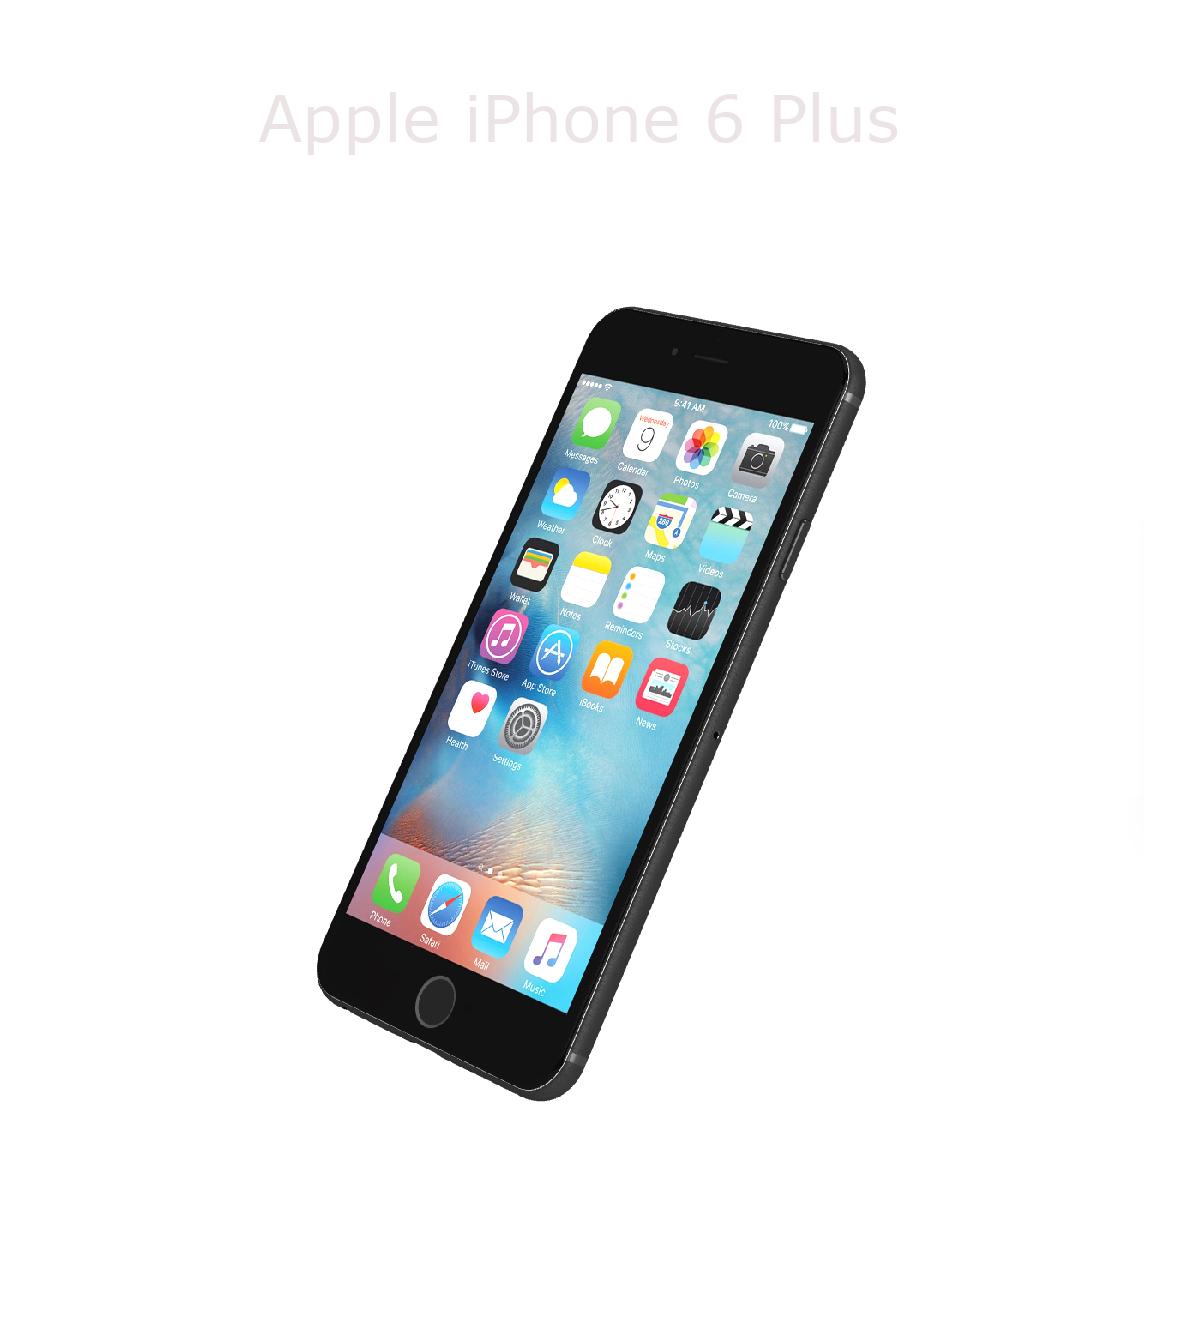 Laga framsida/glas/skärm iPhone 6 plus